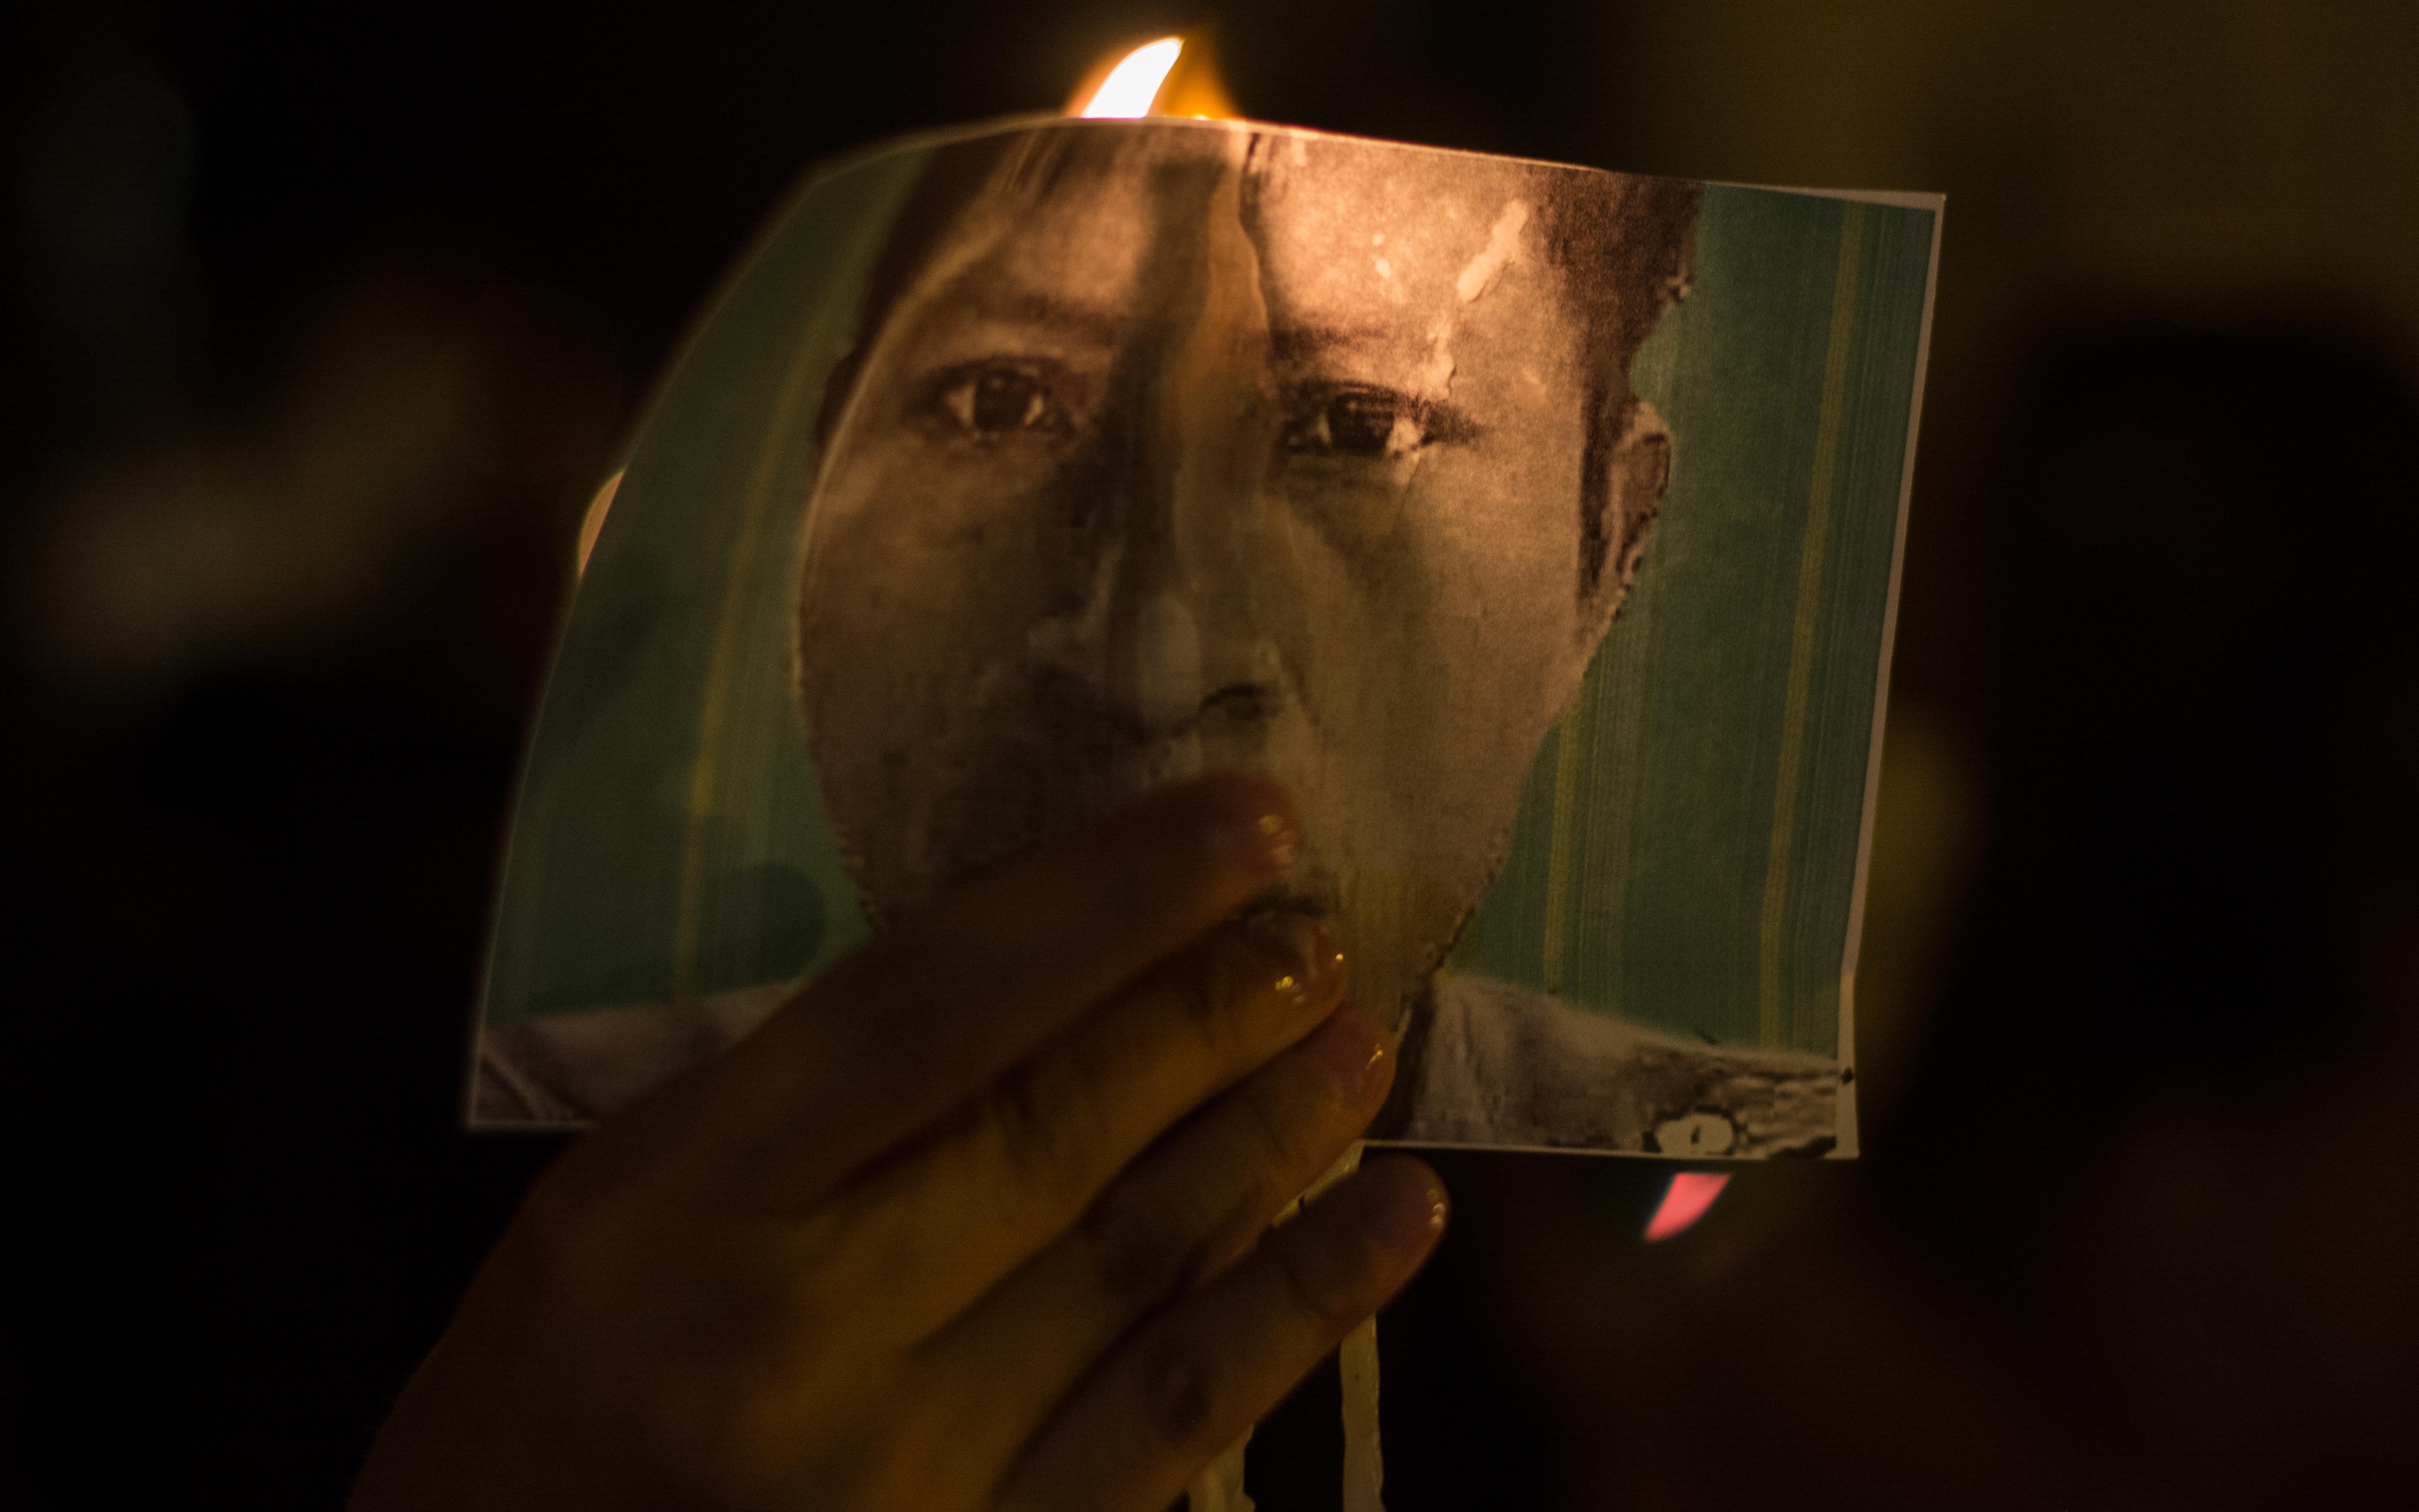 No son líos de faldas: esto hay detrás de los asesinatos a líderes sociales